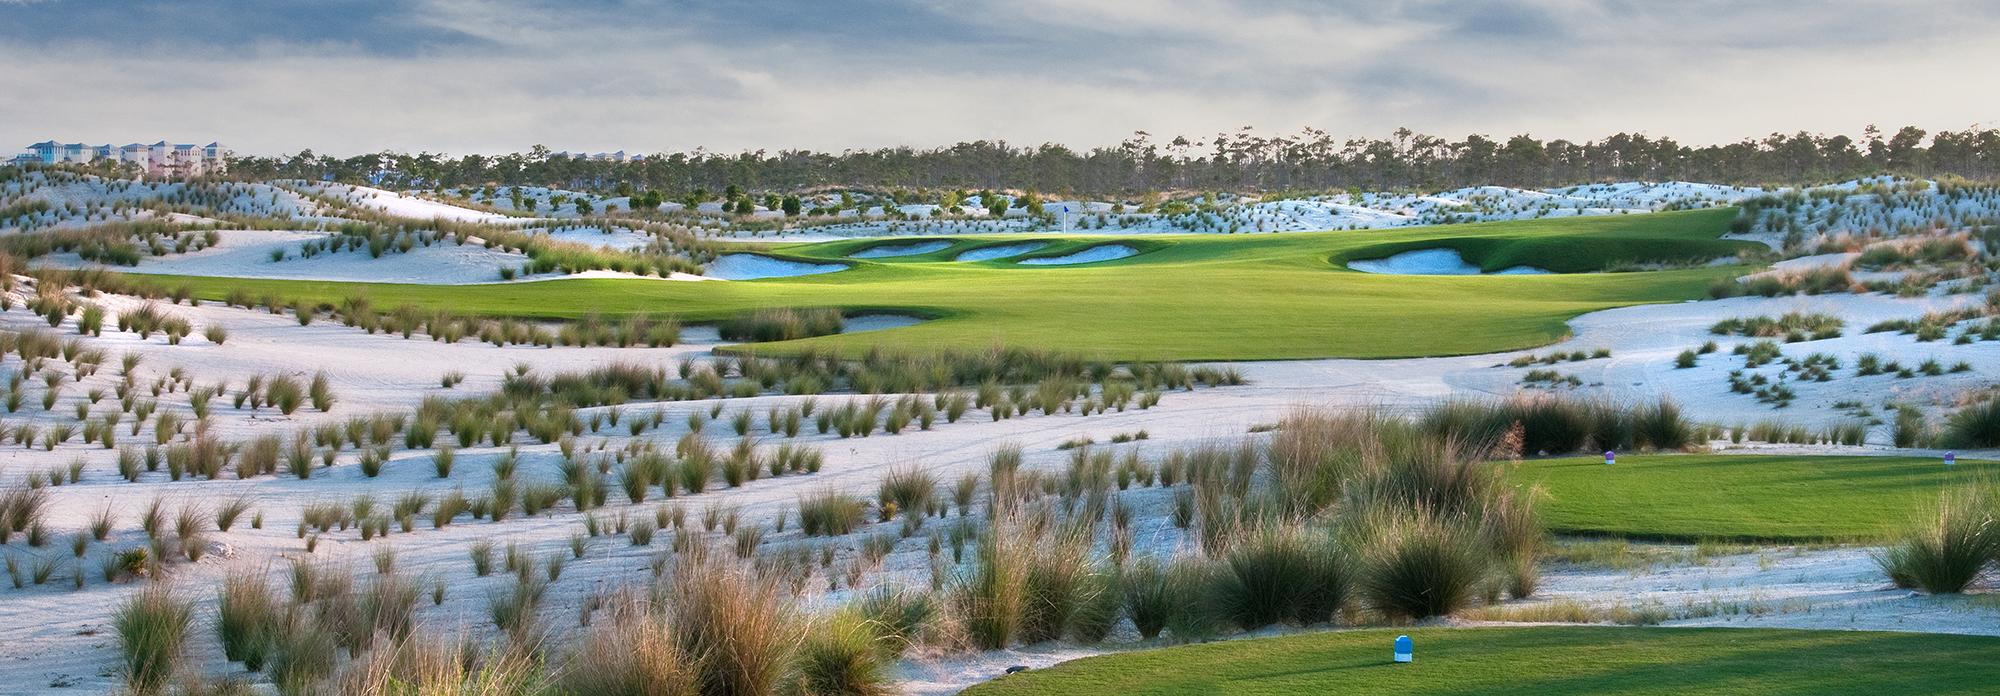 bahamas golf academy